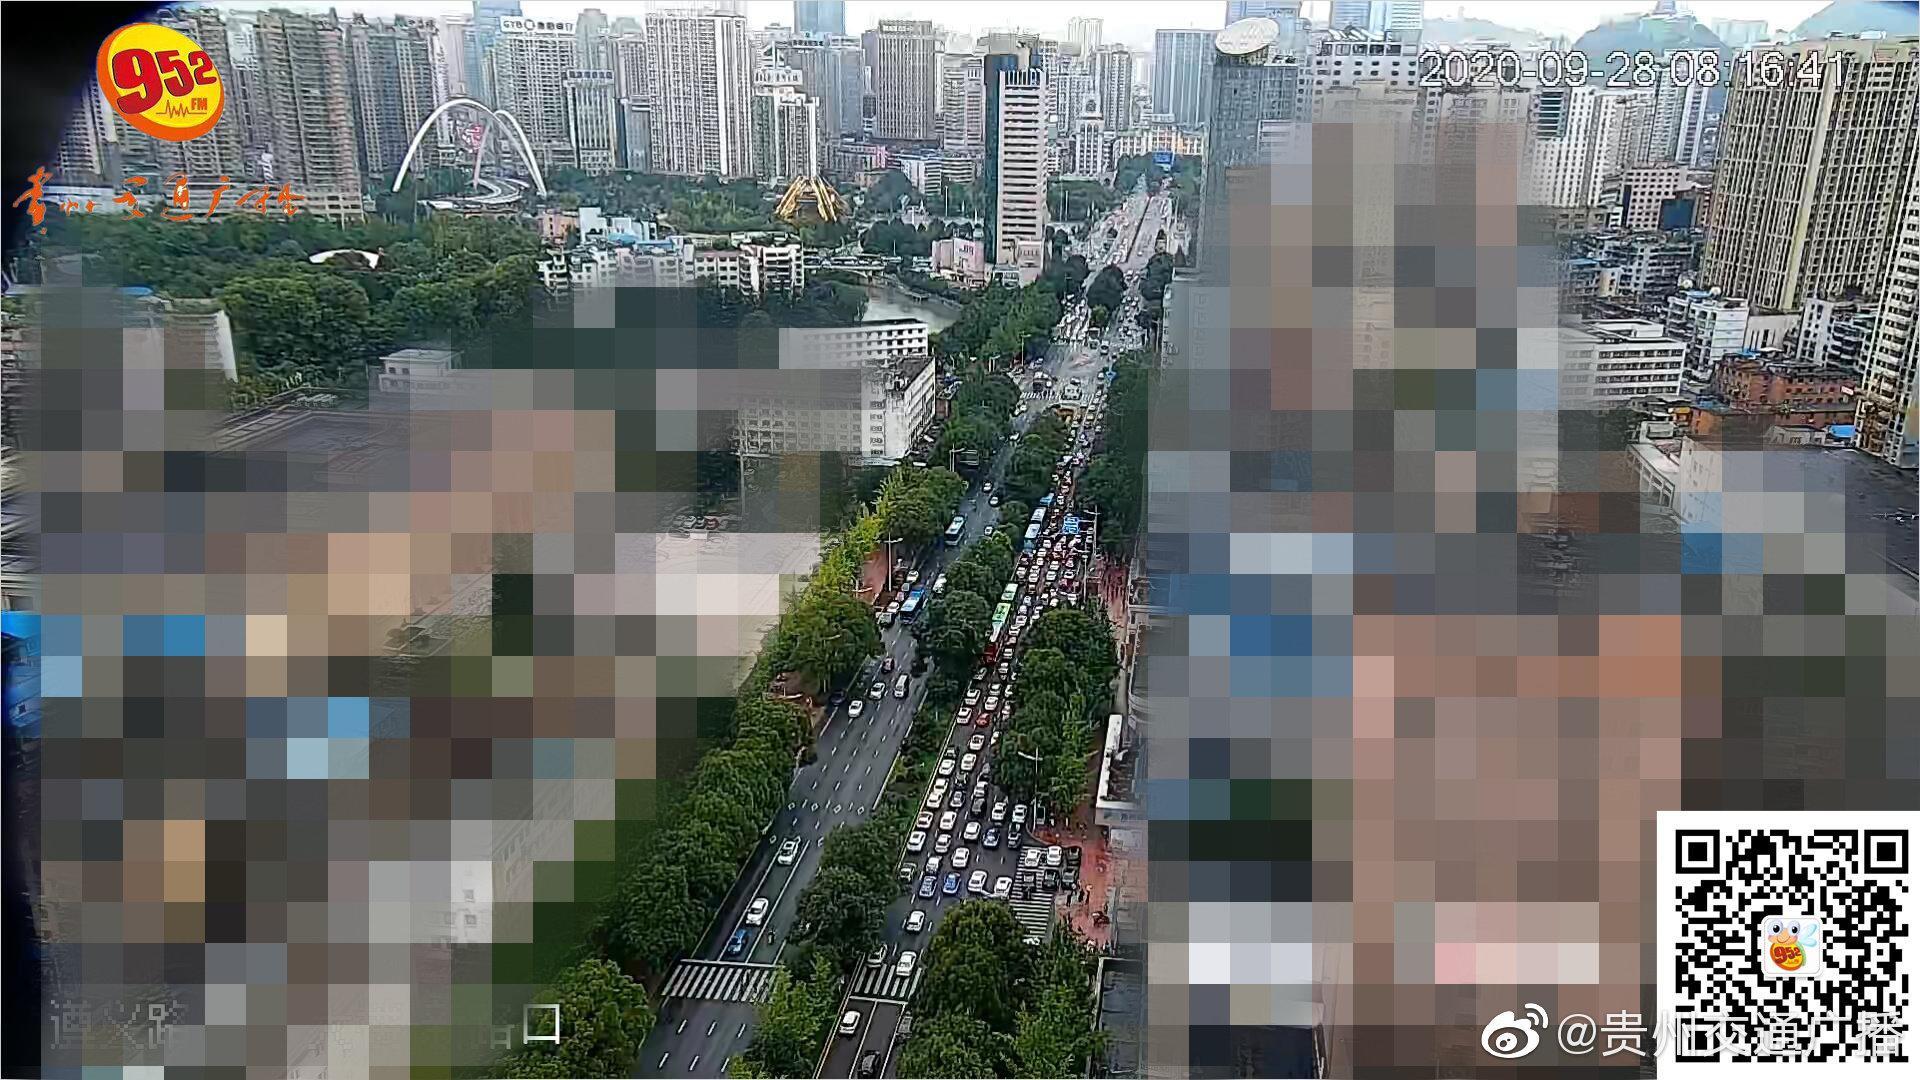 遵义路 浙江商城去青云路 开车时间8分钟